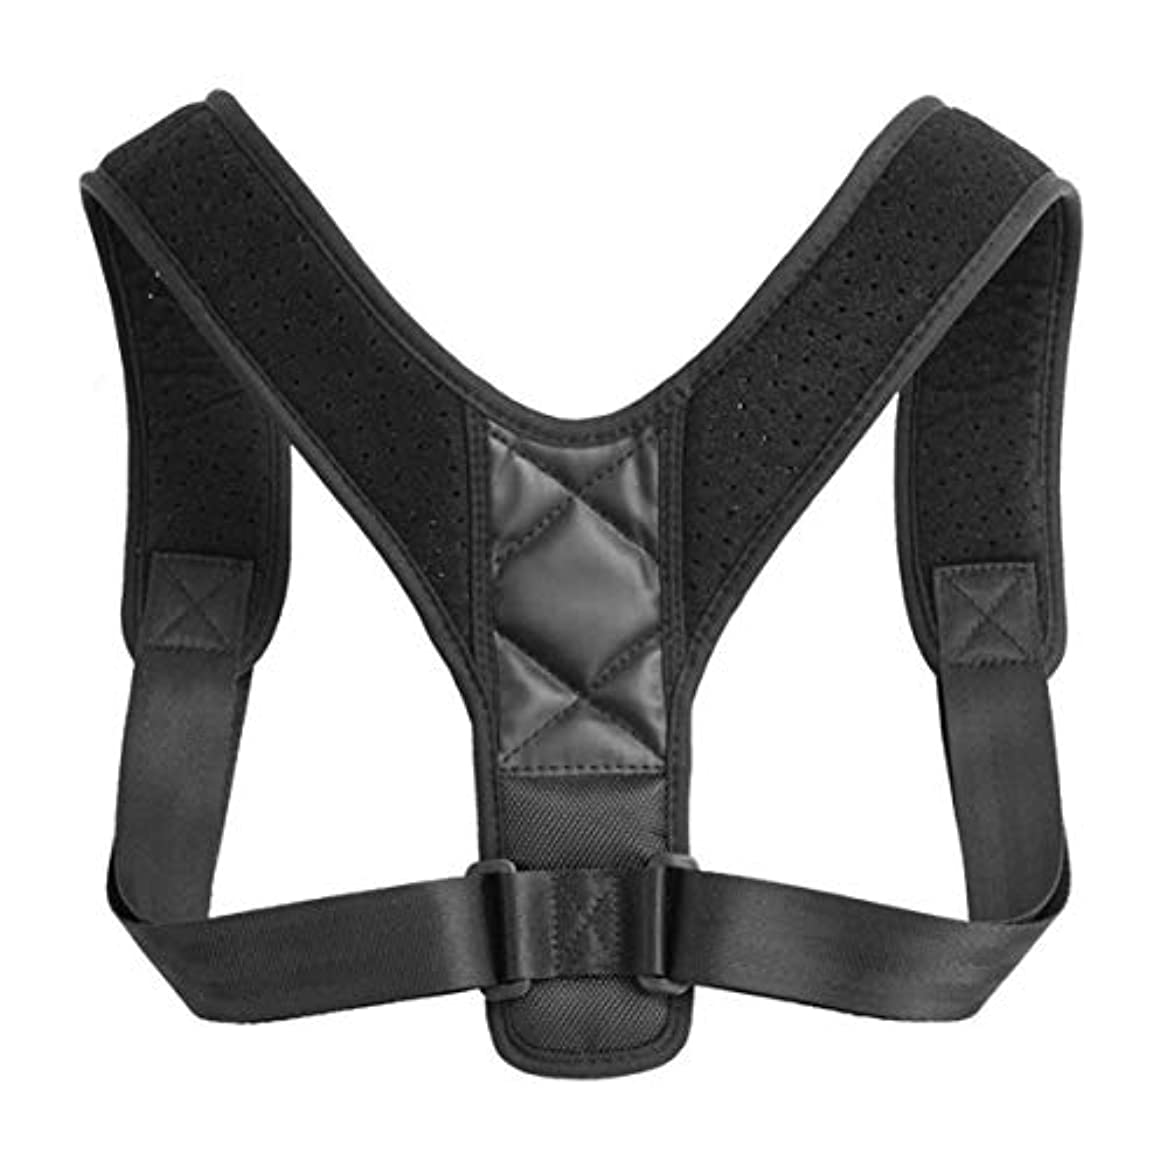 耐久離婚オーバーコート大人の学生調節可能な背中の姿勢補正ブレースショルダーサポートバンドベルトの姿勢正しいベルト防止ハンチバック - ブラック